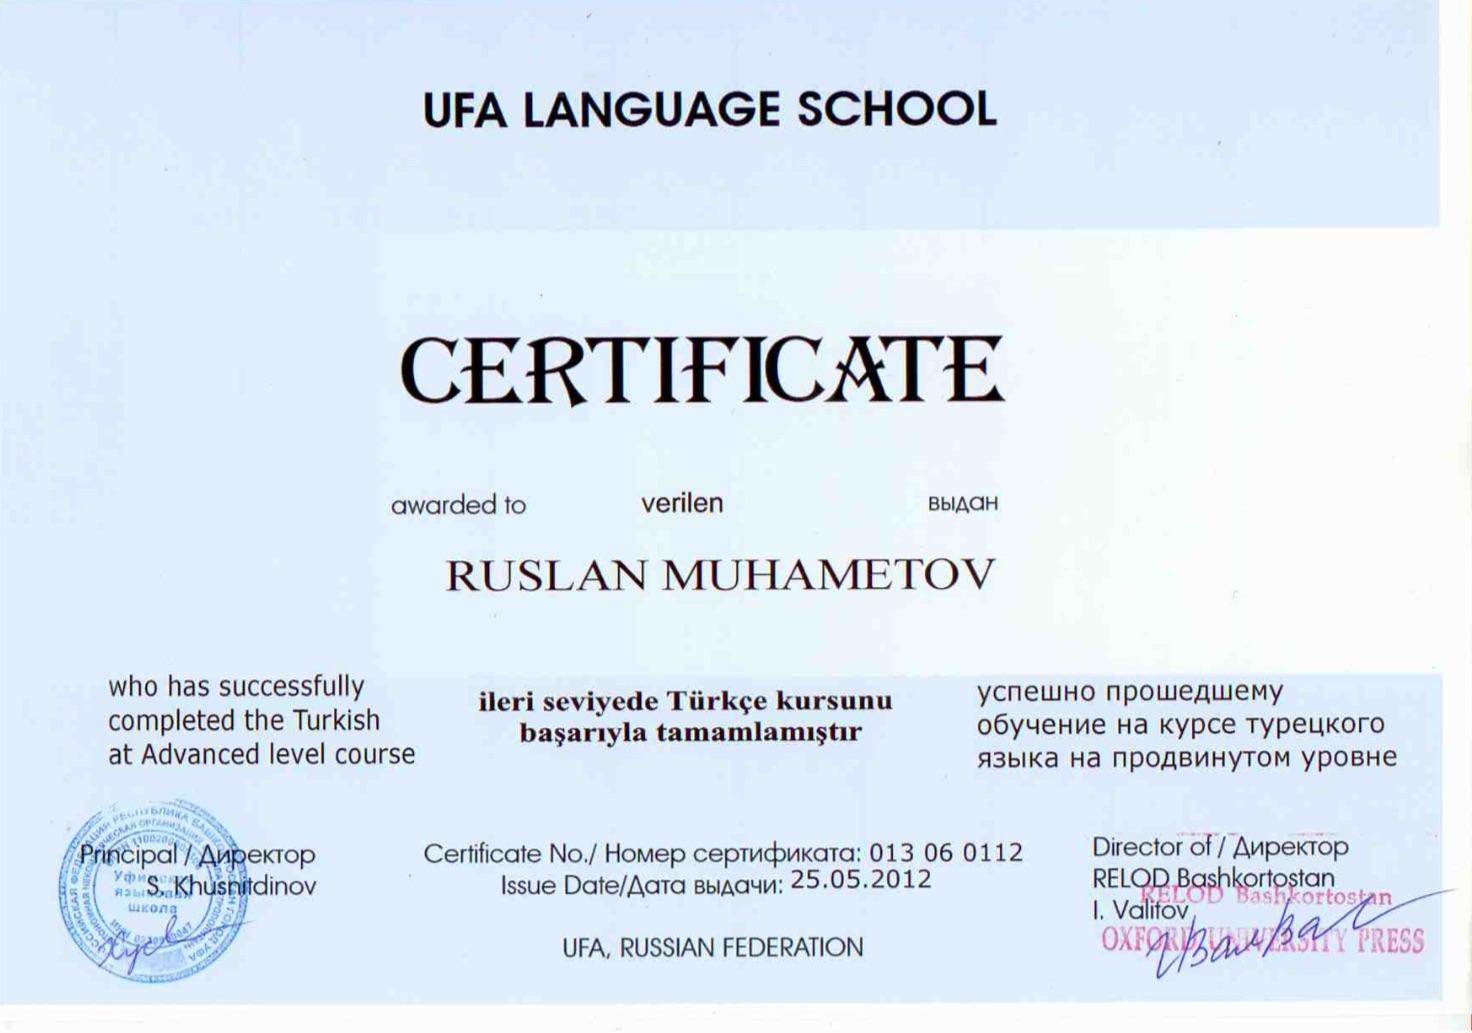 переводчик на турецкий язык с русского, переводчик турецкого языка в Москве